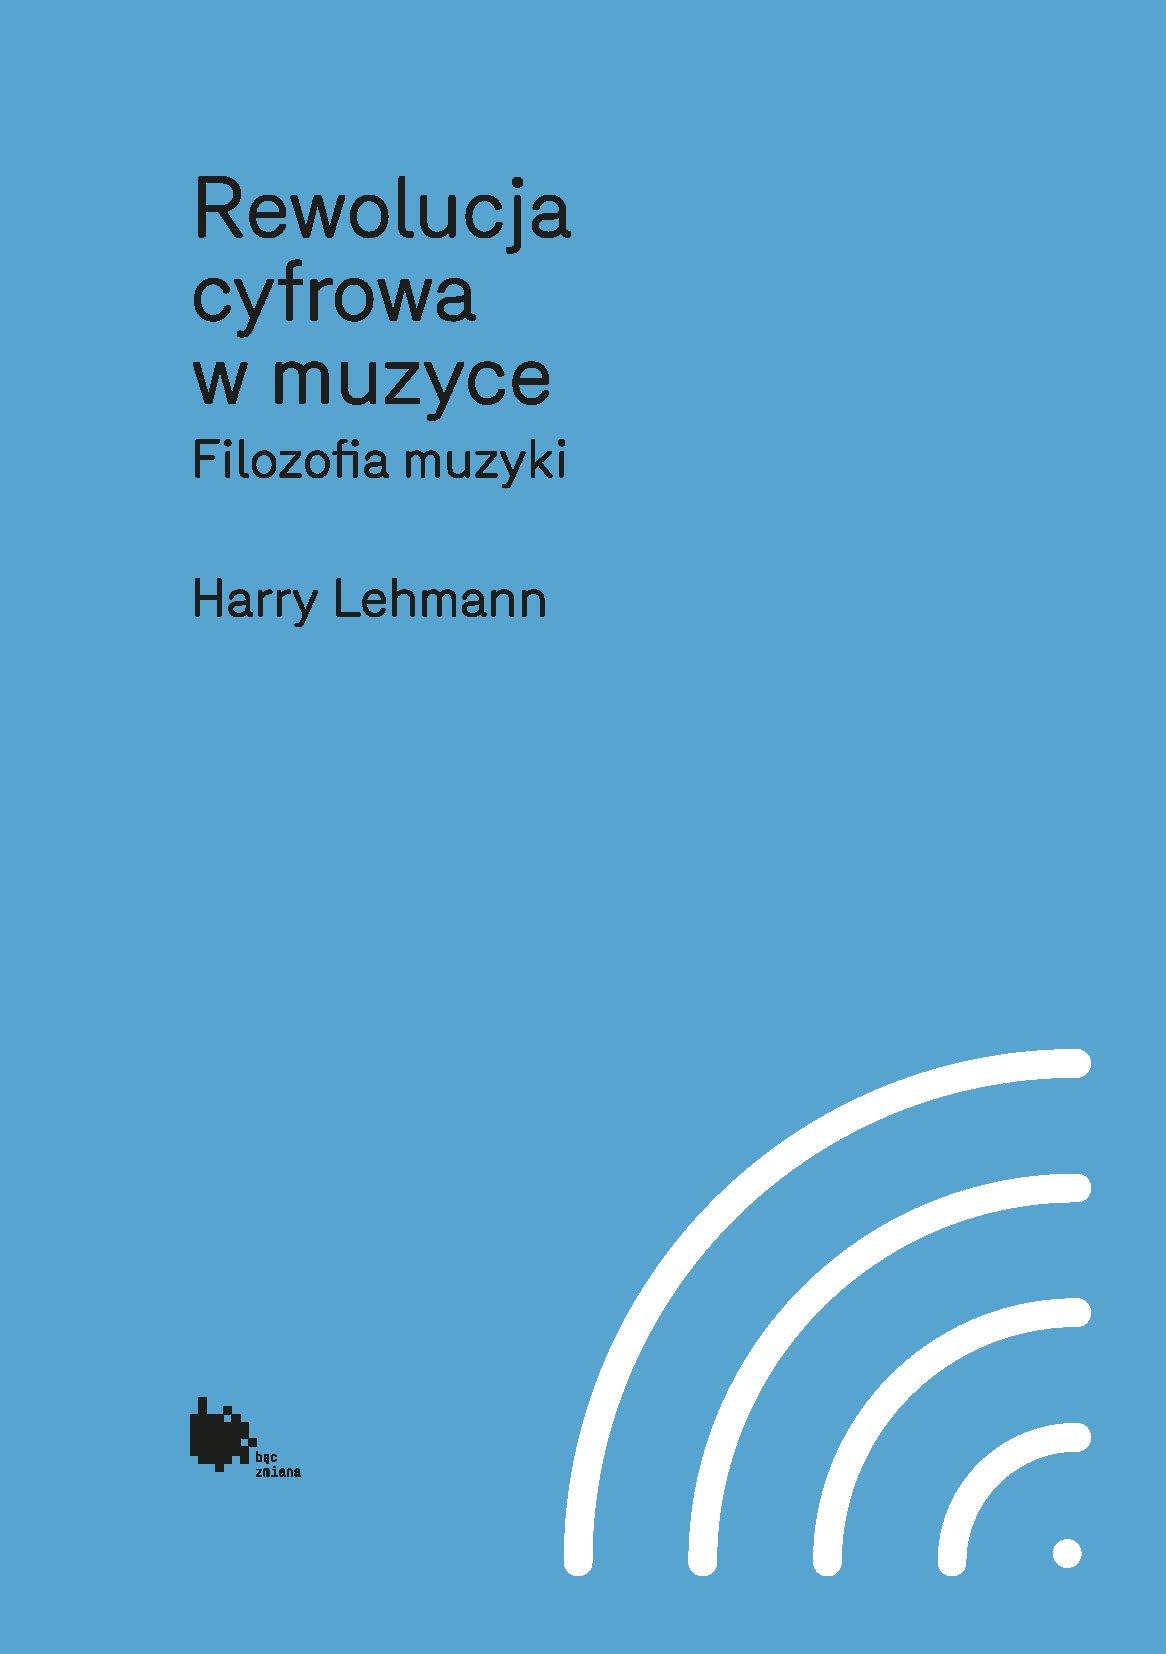 Rewolucja cyfrowa w muzyce. Filozofia muzyki - Ebook (Książka EPUB) do pobrania w formacie EPUB